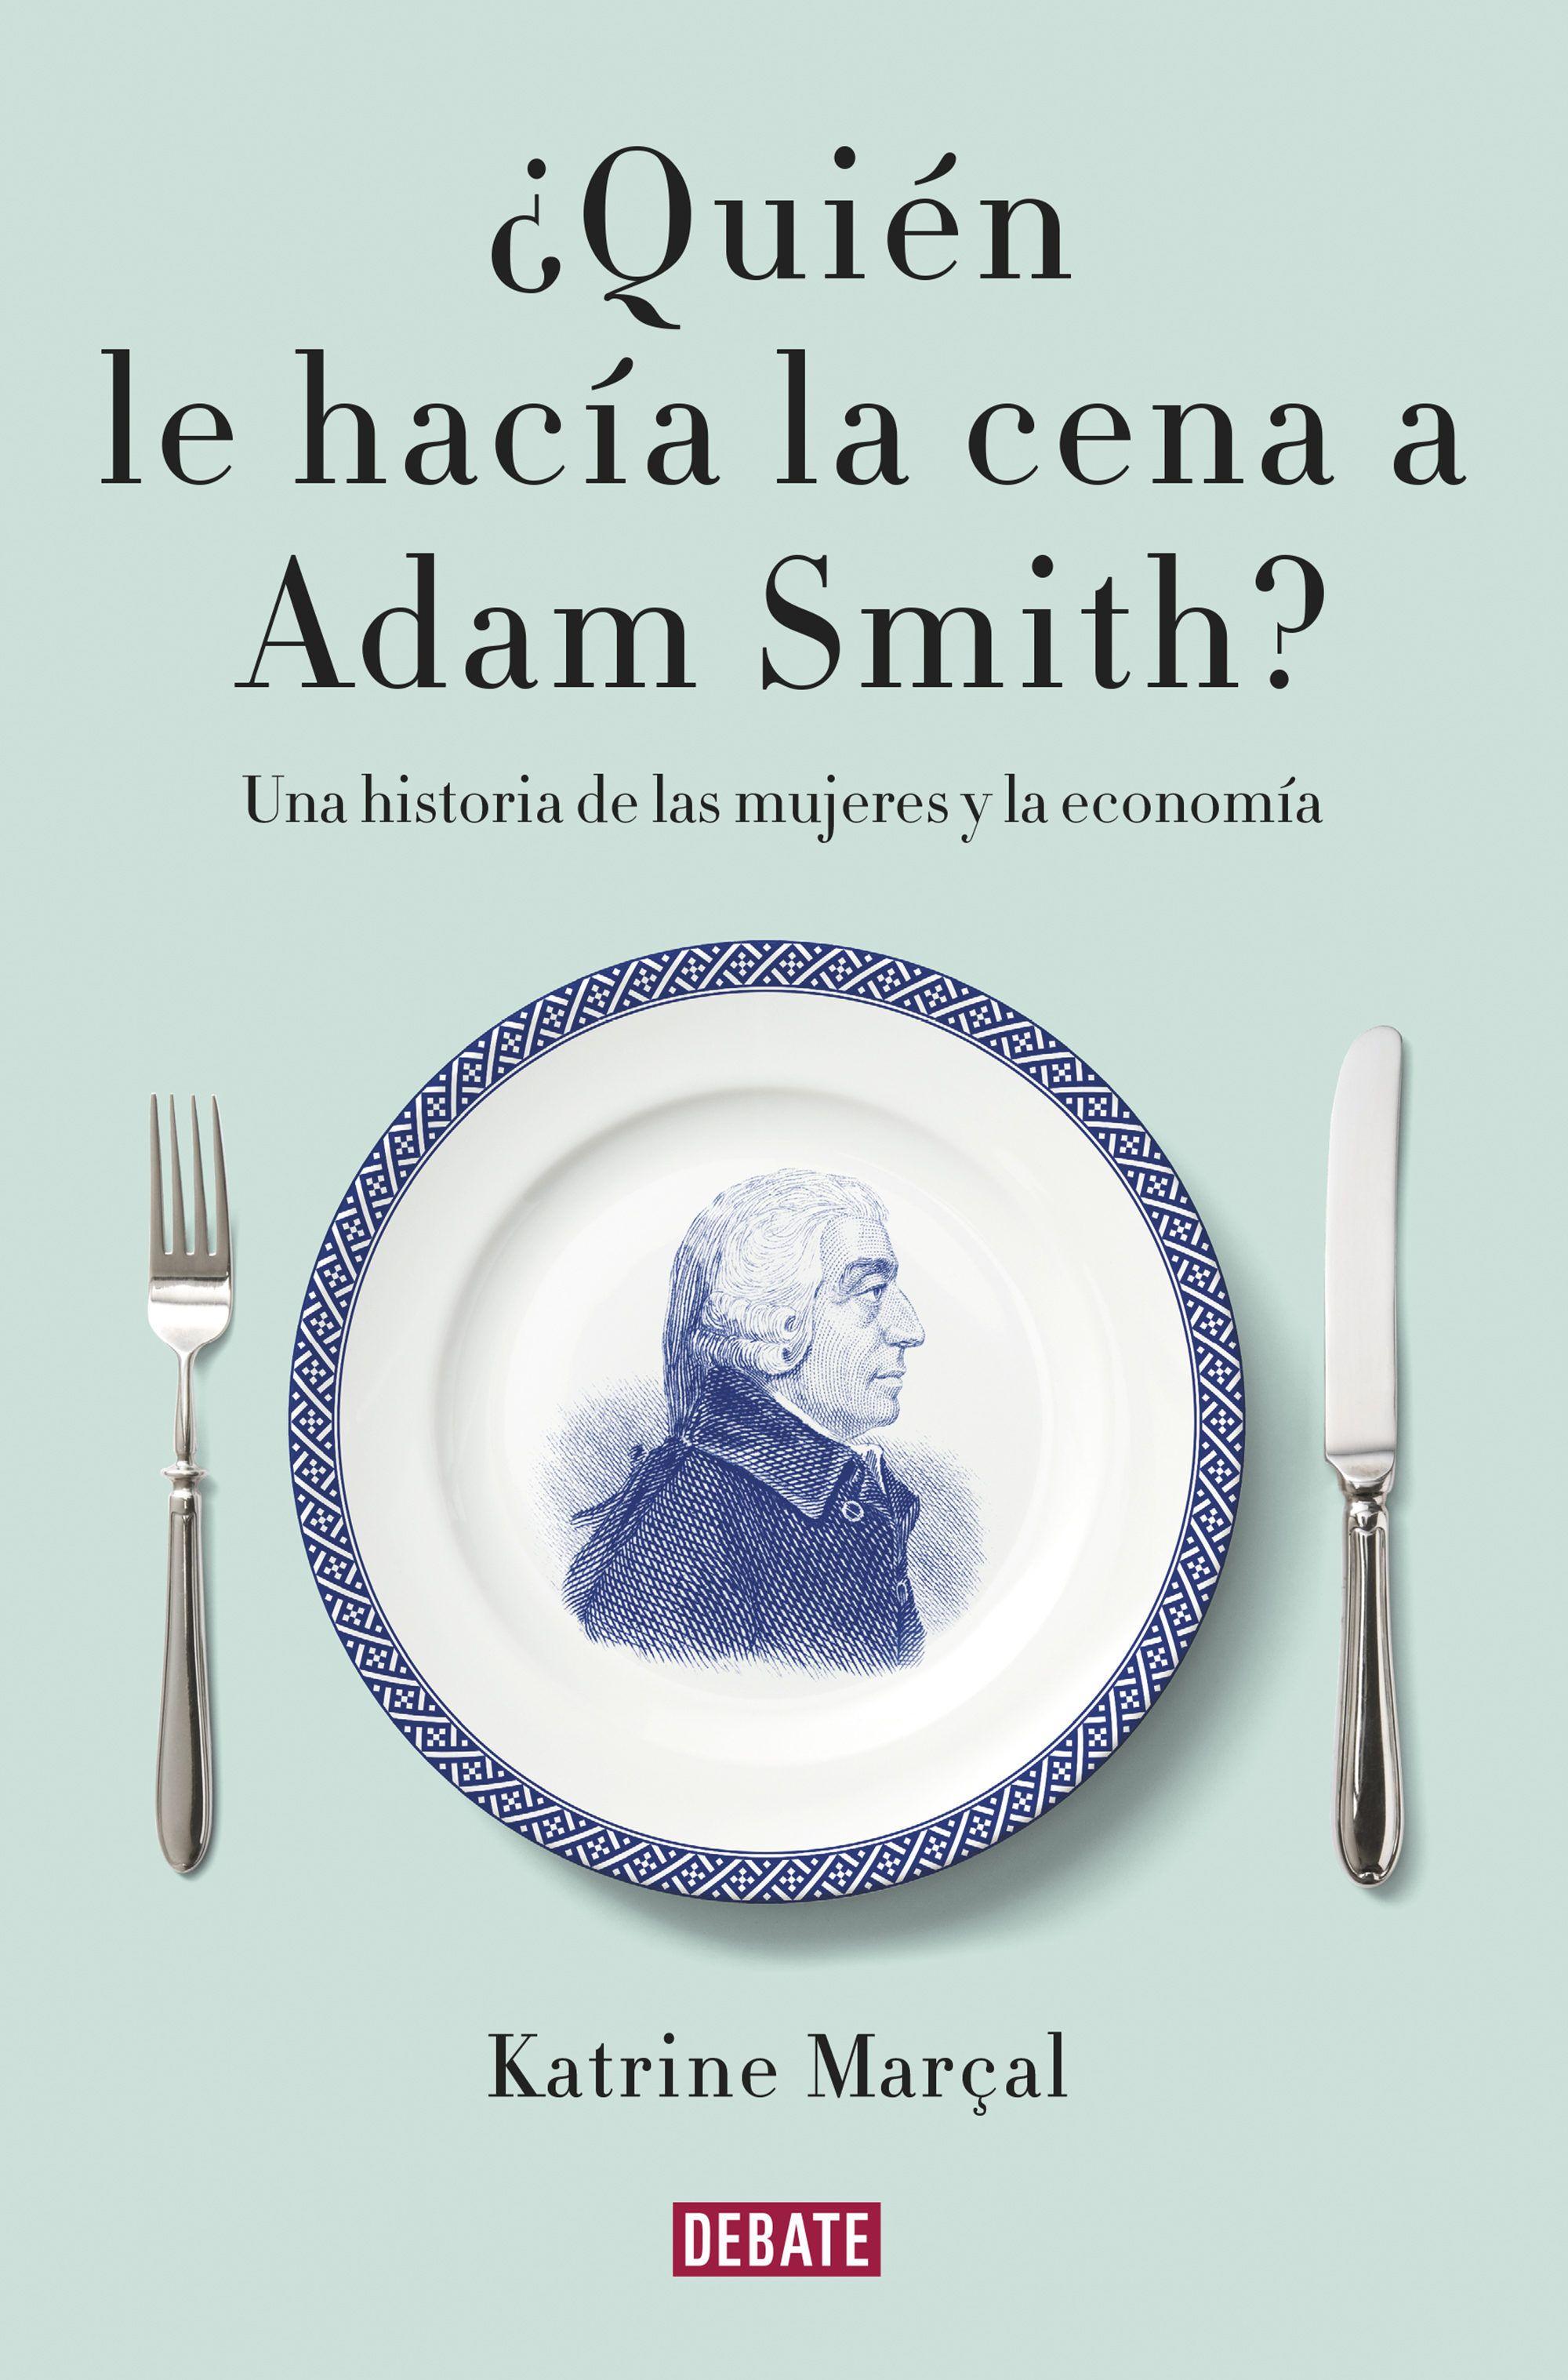 ¿Quién le hacía la cena a Adan Smith?,Katrine Marçal